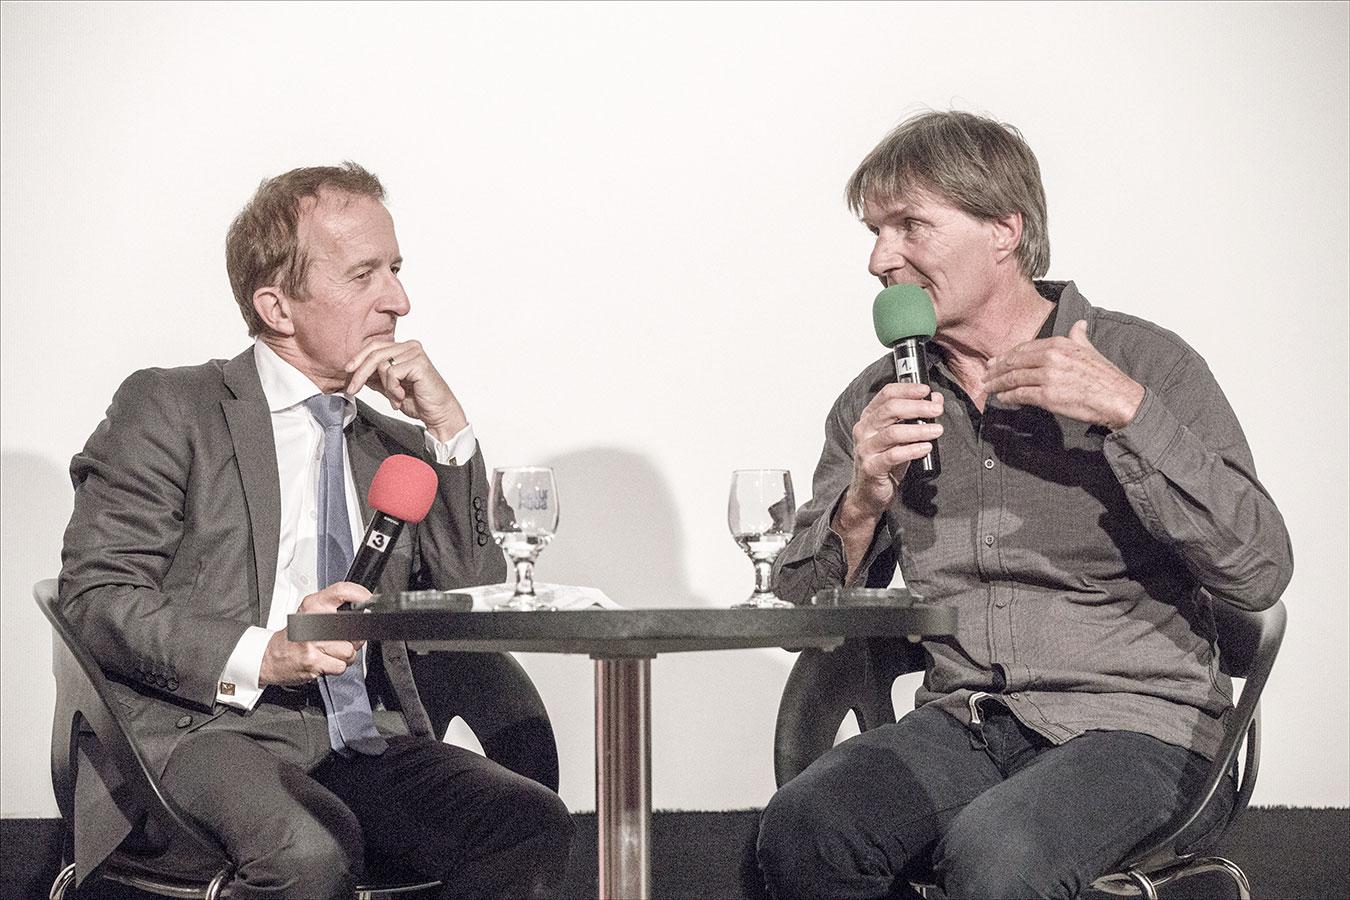 ch-hambuch-dora-szemrevalo-sehenswert-2018-peter-burkhard-dieter-fahrer-interview.jpg